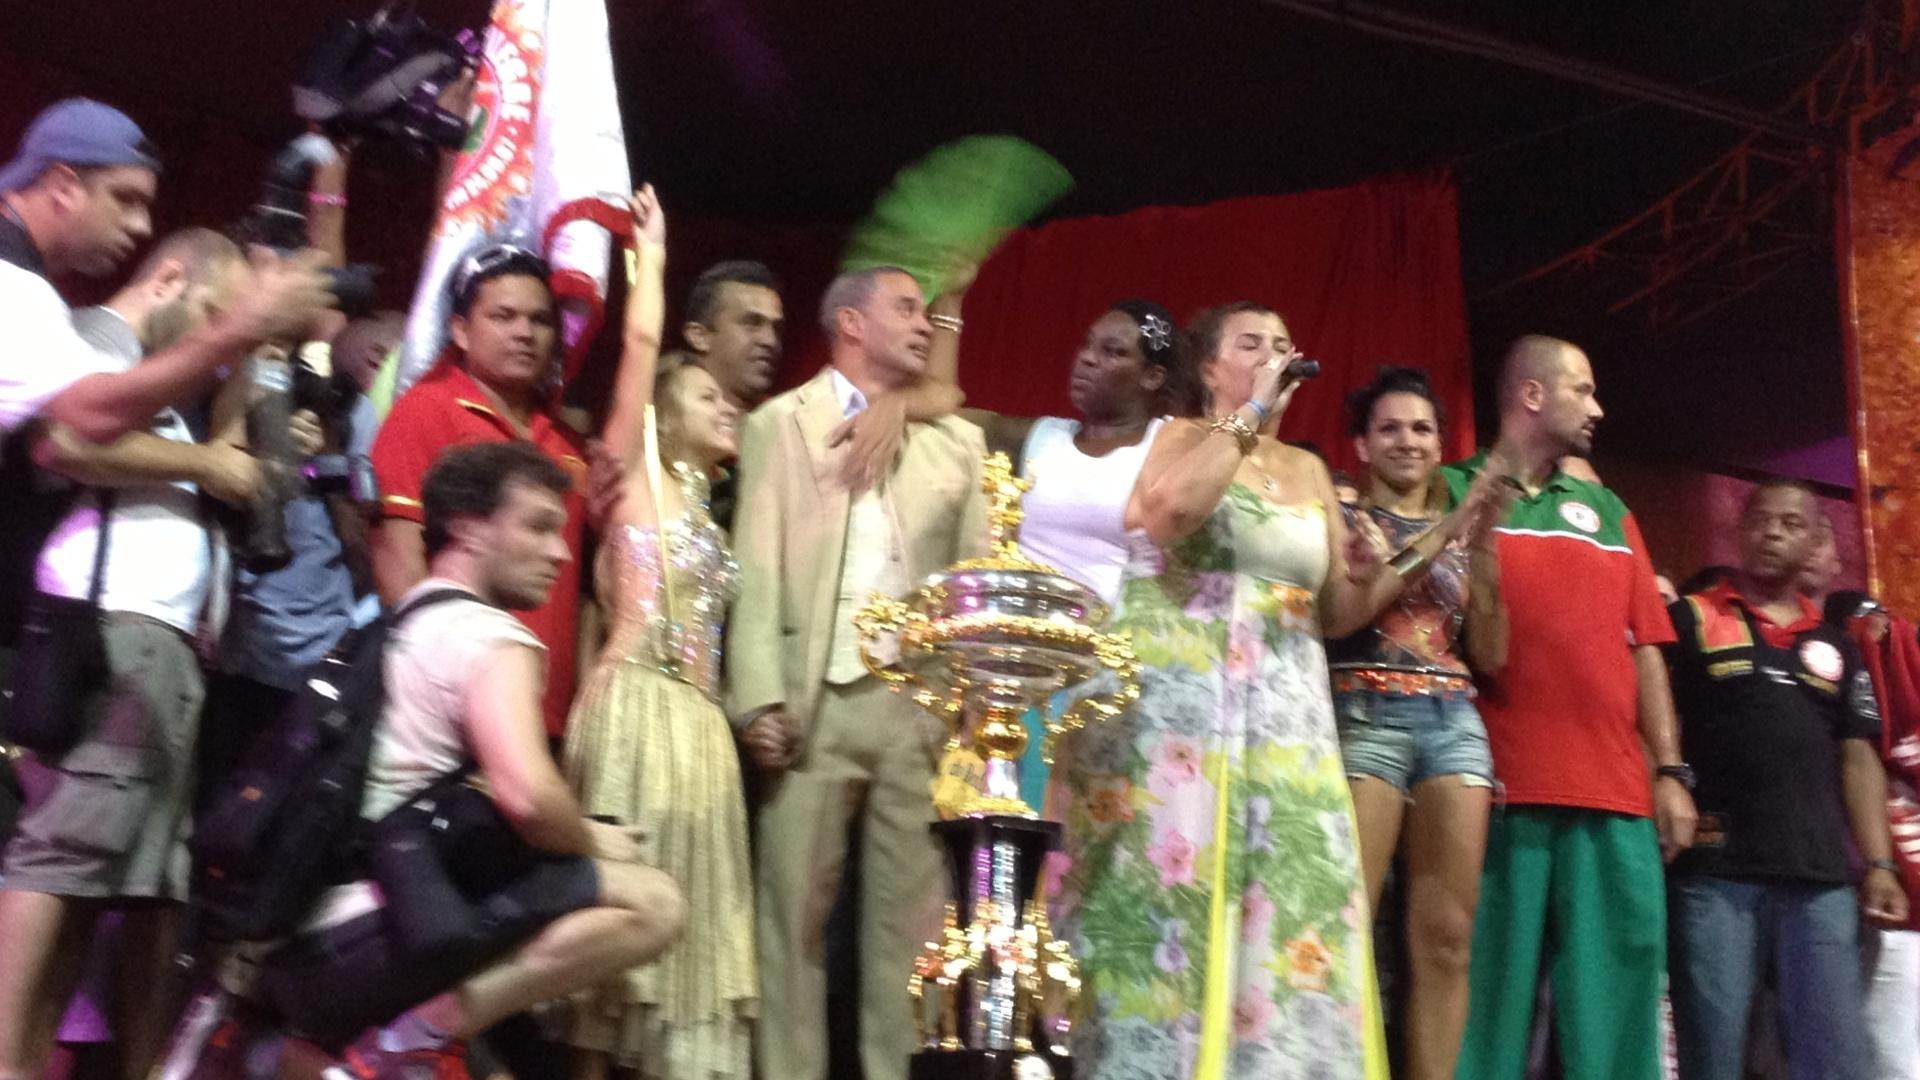 12.fev.2013 - Na quadra da Mocidade Alegre, a presidente Solange Bichara comemora o bicampeonato